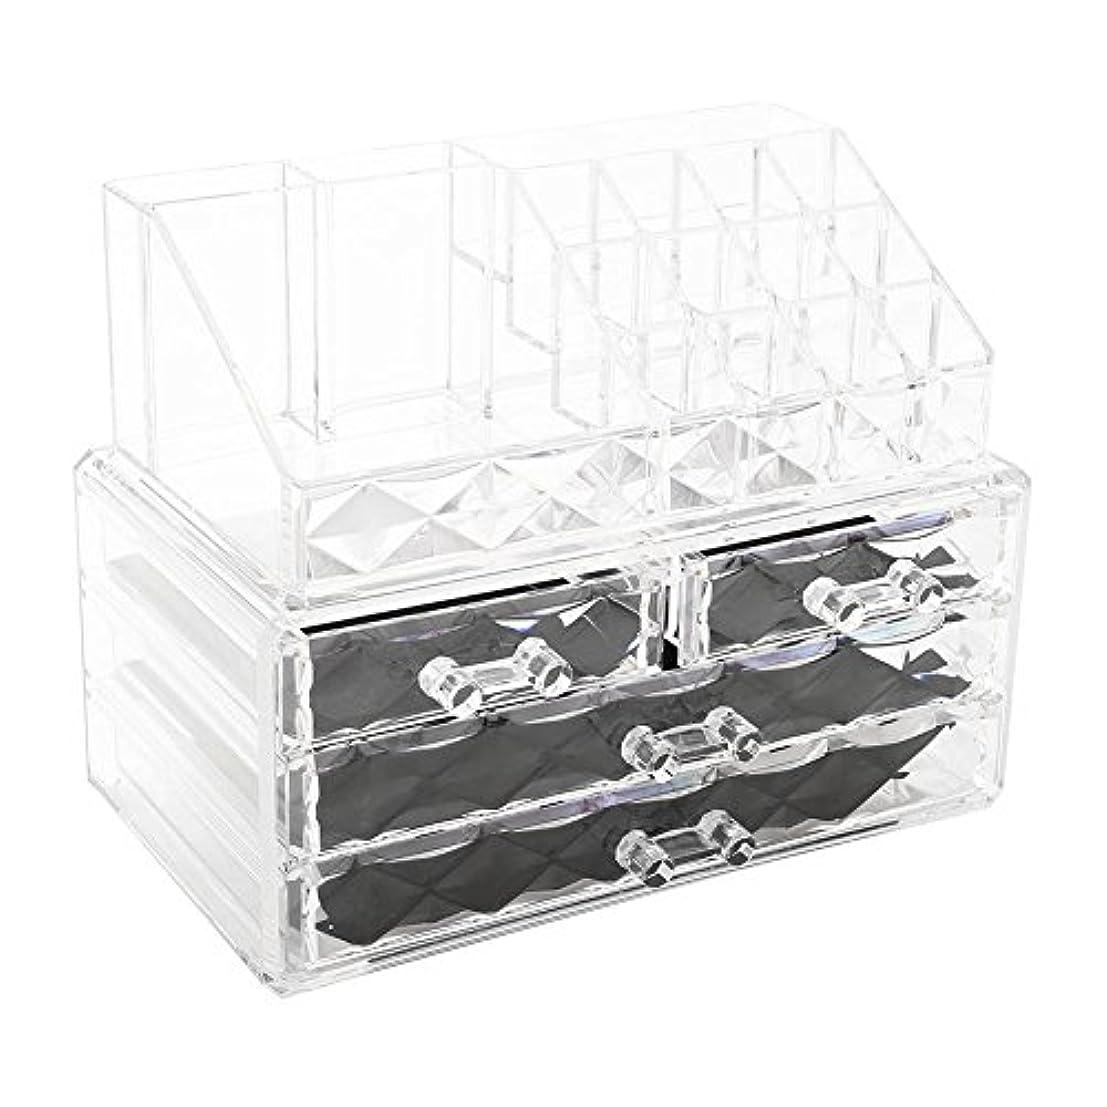 イソギンチャク肉の写真化粧品収納ボックス アクリル製 2段式 三つ引き出し 大容量 多機能 丈夫 耐用 防塵 高透明度 化粧道具 小物入れ 化粧品入れ コスメ収納スタンド(2色) (透明)